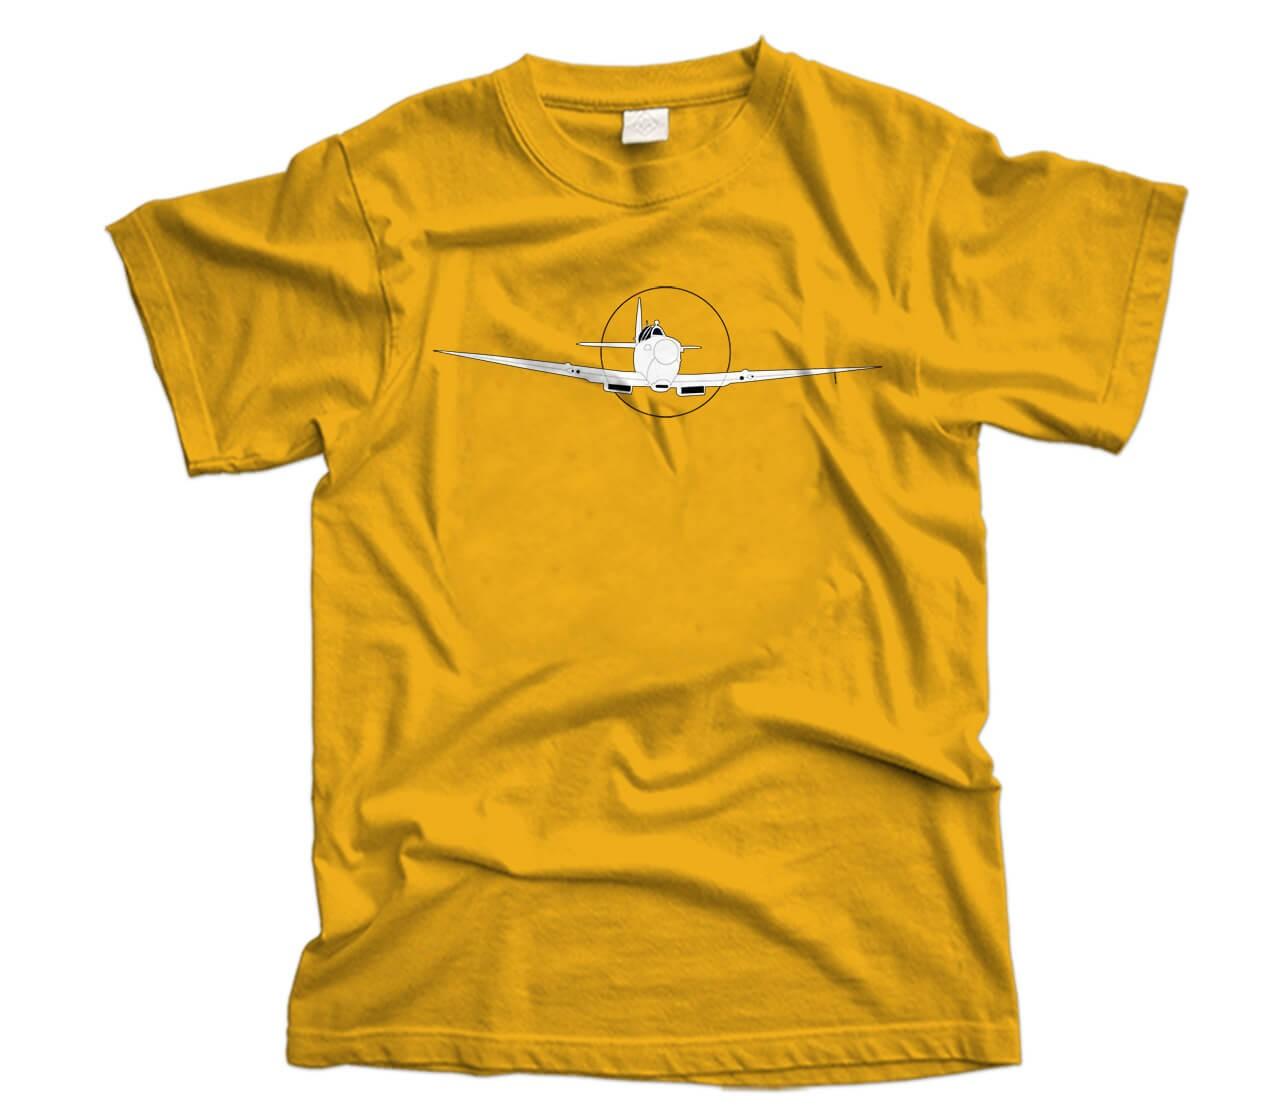 Supermarine Spitfire Aircraft T-Shirt